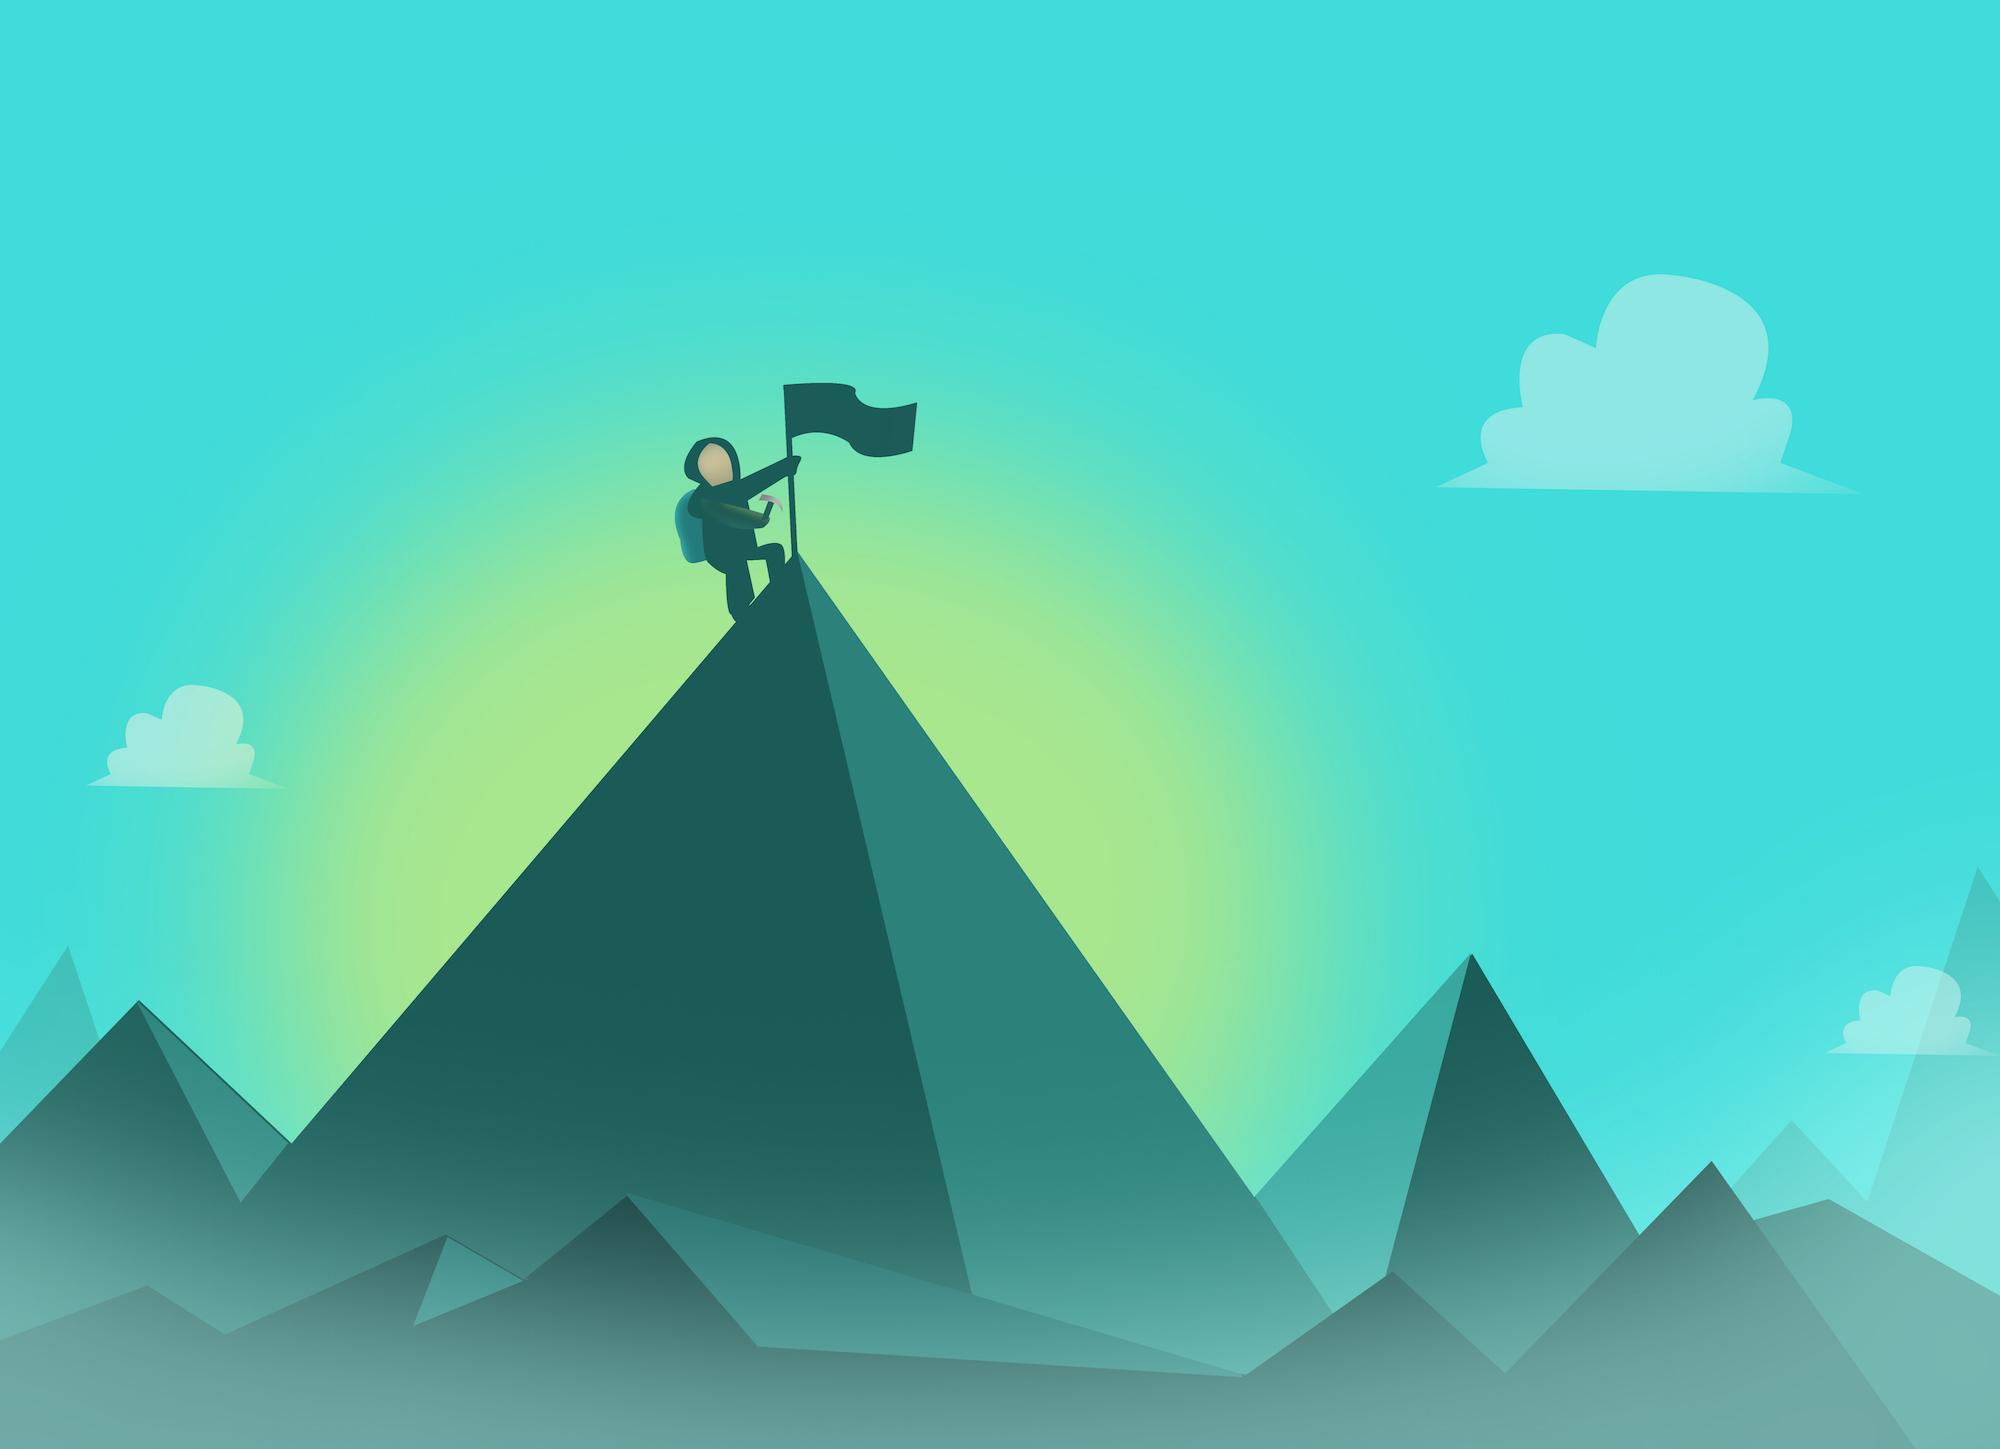 L'appli goalmap pour atteindre ses objectifs progresse